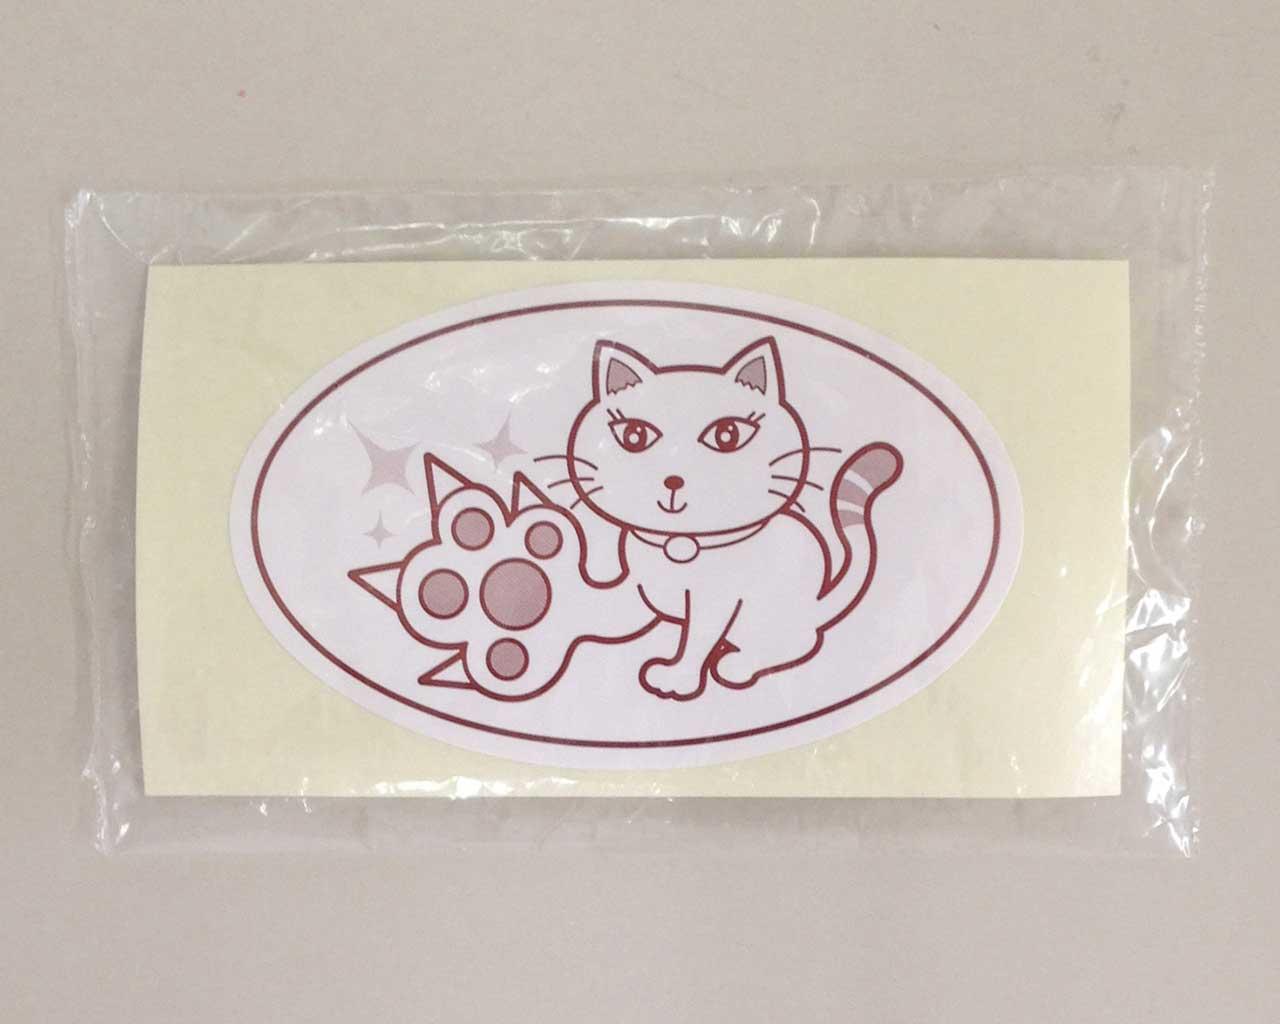 『キャットスッテカー肉球』猫の爪とぎ、ネコの爪磨き、ねこのつめとぎ、つめみがき、爪掻きのタブレットです。